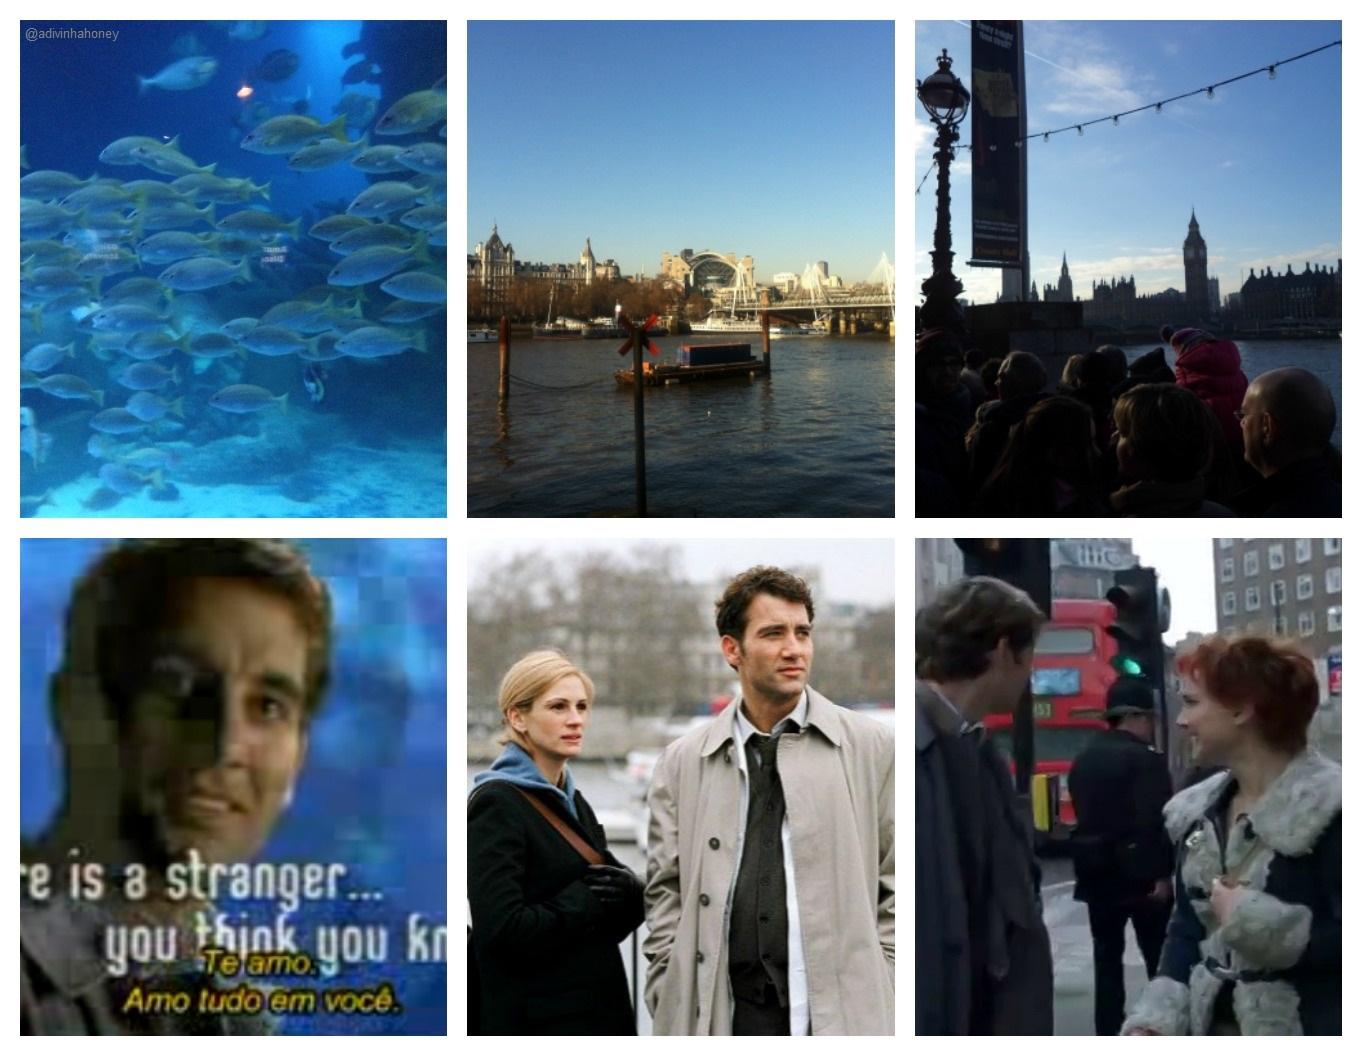 Filmes em Londres